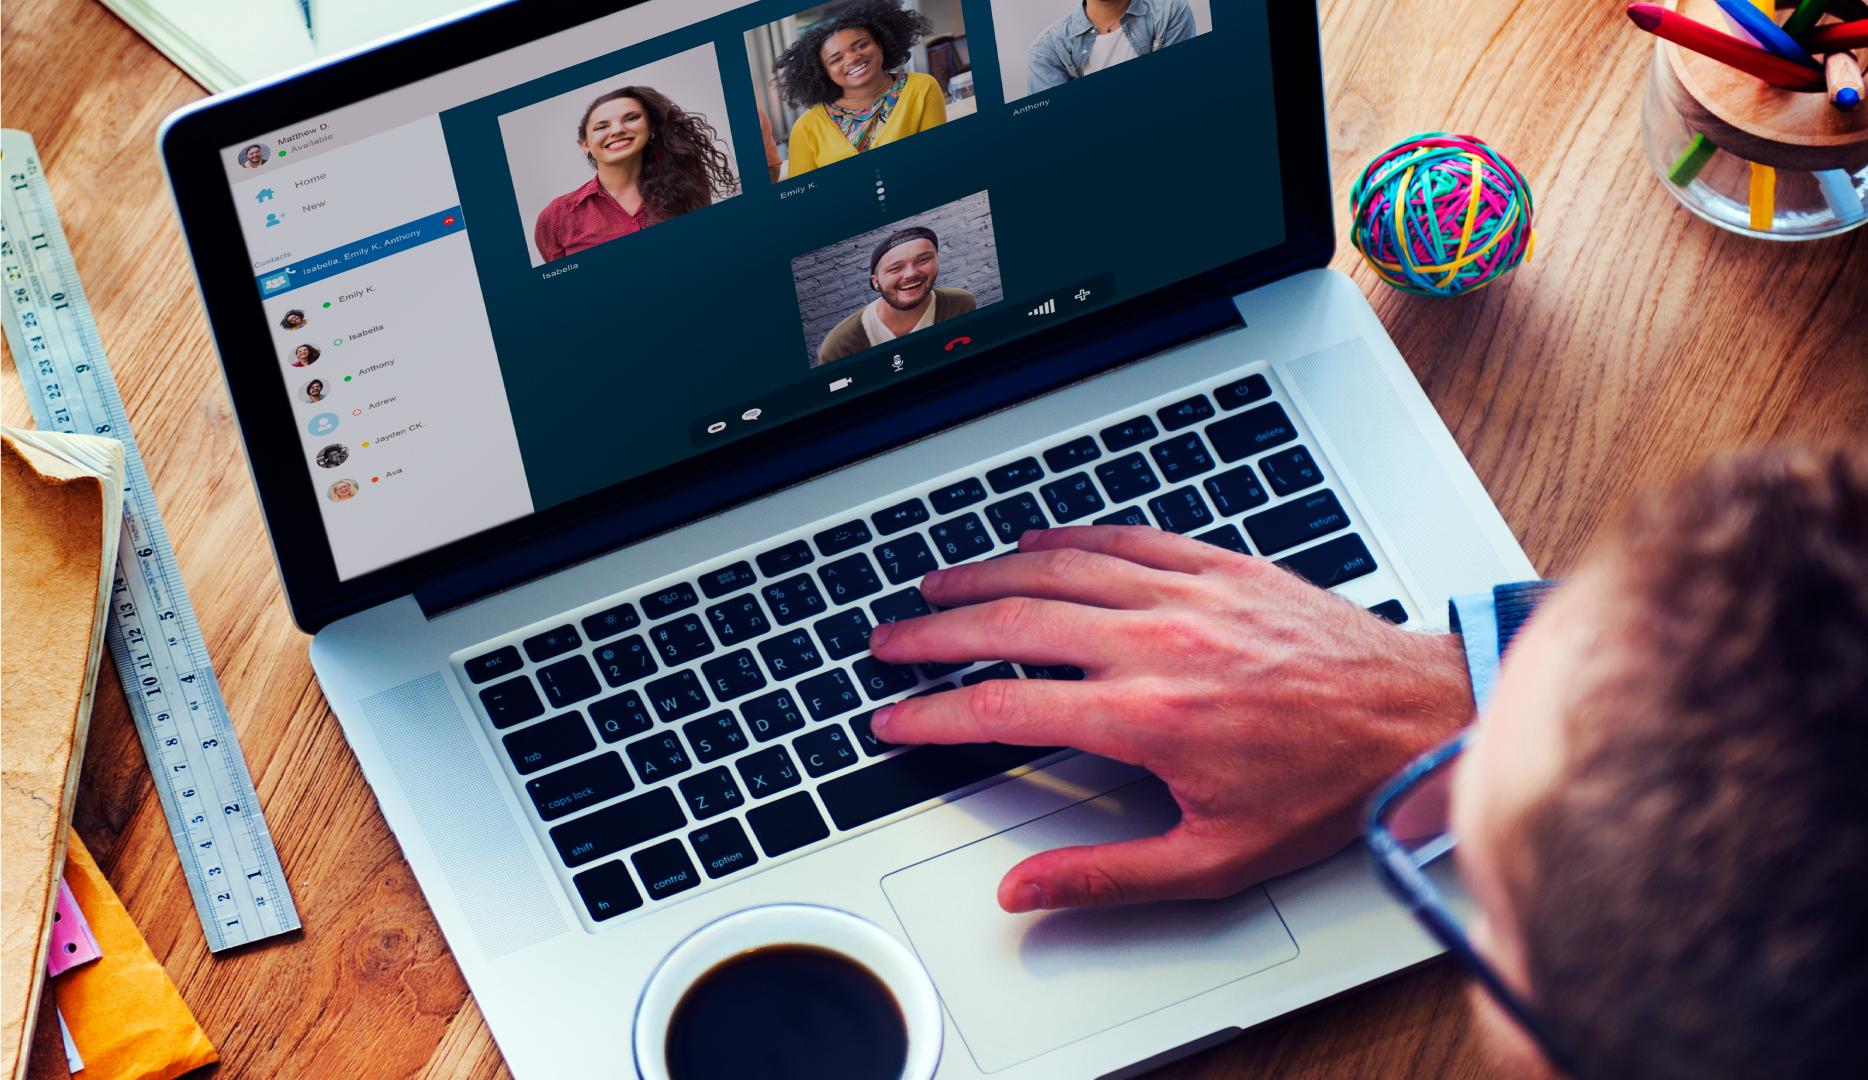 Herramientas de colaboración a distancia: las mejores funciones de Wrike para equipos